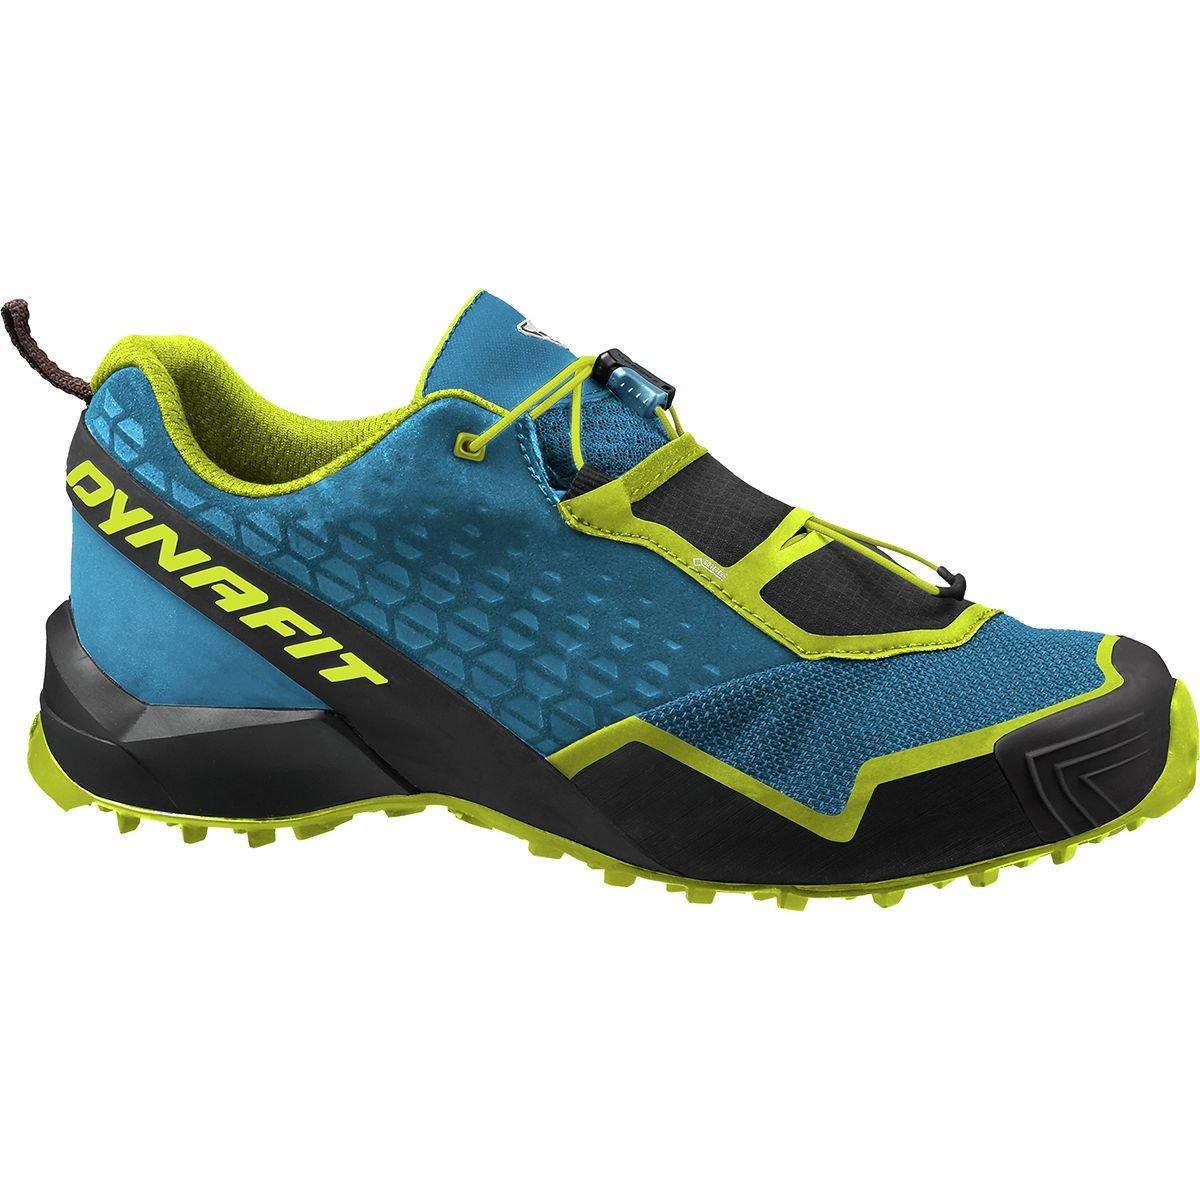 超高品質で人気の [ダイナフィット] メンズ ランニング MTN Speed MTN 8.5 Gore-Tex Trail ランニング Running Shoe [並行輸入品] B07NYWLCSF 8.5, SKY LIFE with FLYING DOG:44648cf6 --- kuoying.net